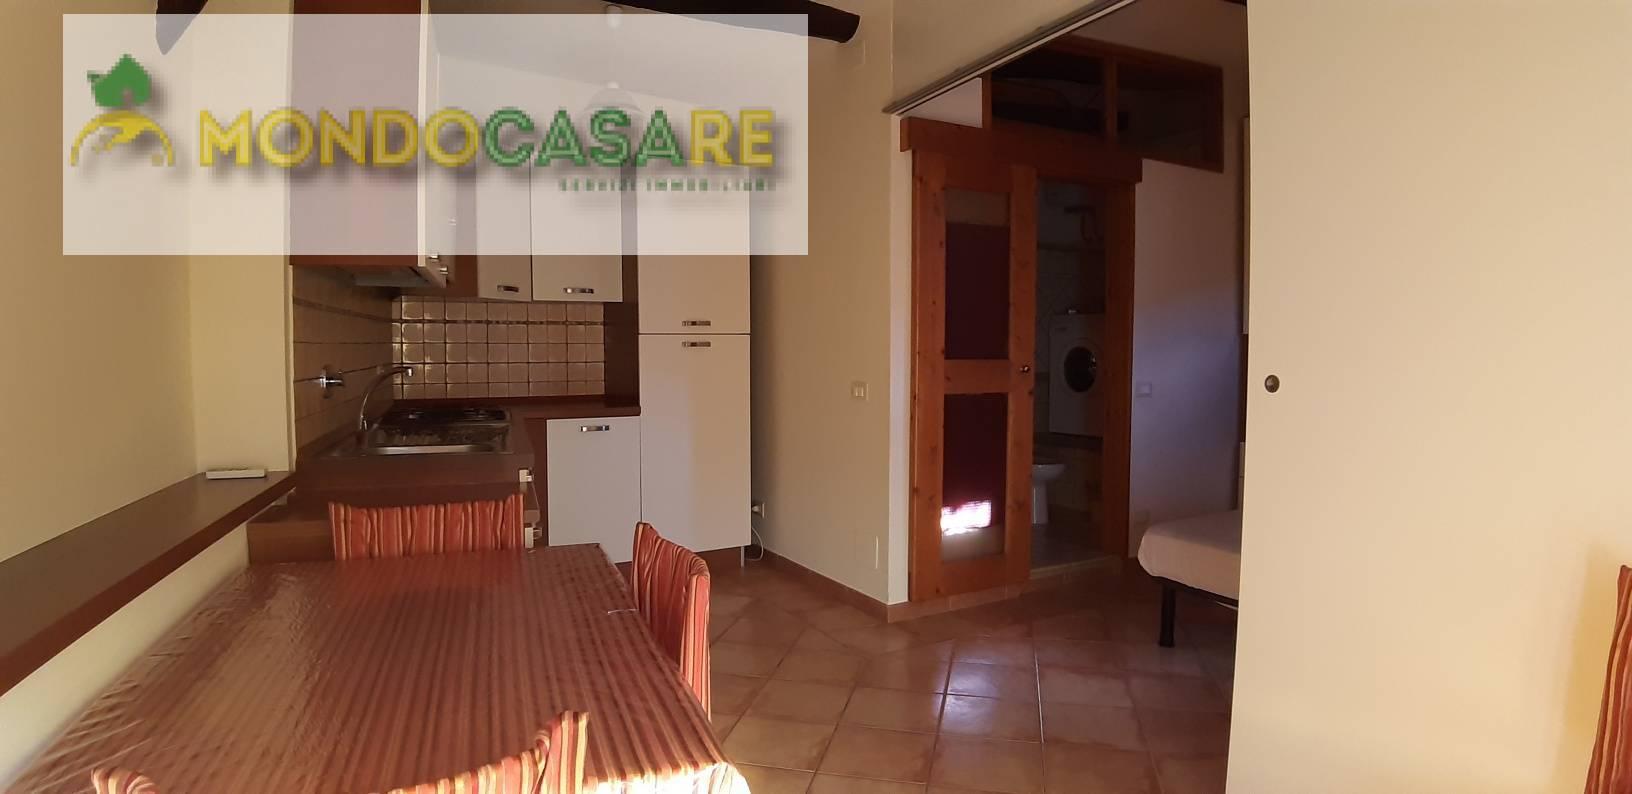 Appartamento in vendita a Palombara Sabina, 2 locali, zona Località: ZonaAPalombaraSabina, prezzo € 29.000 | CambioCasa.it